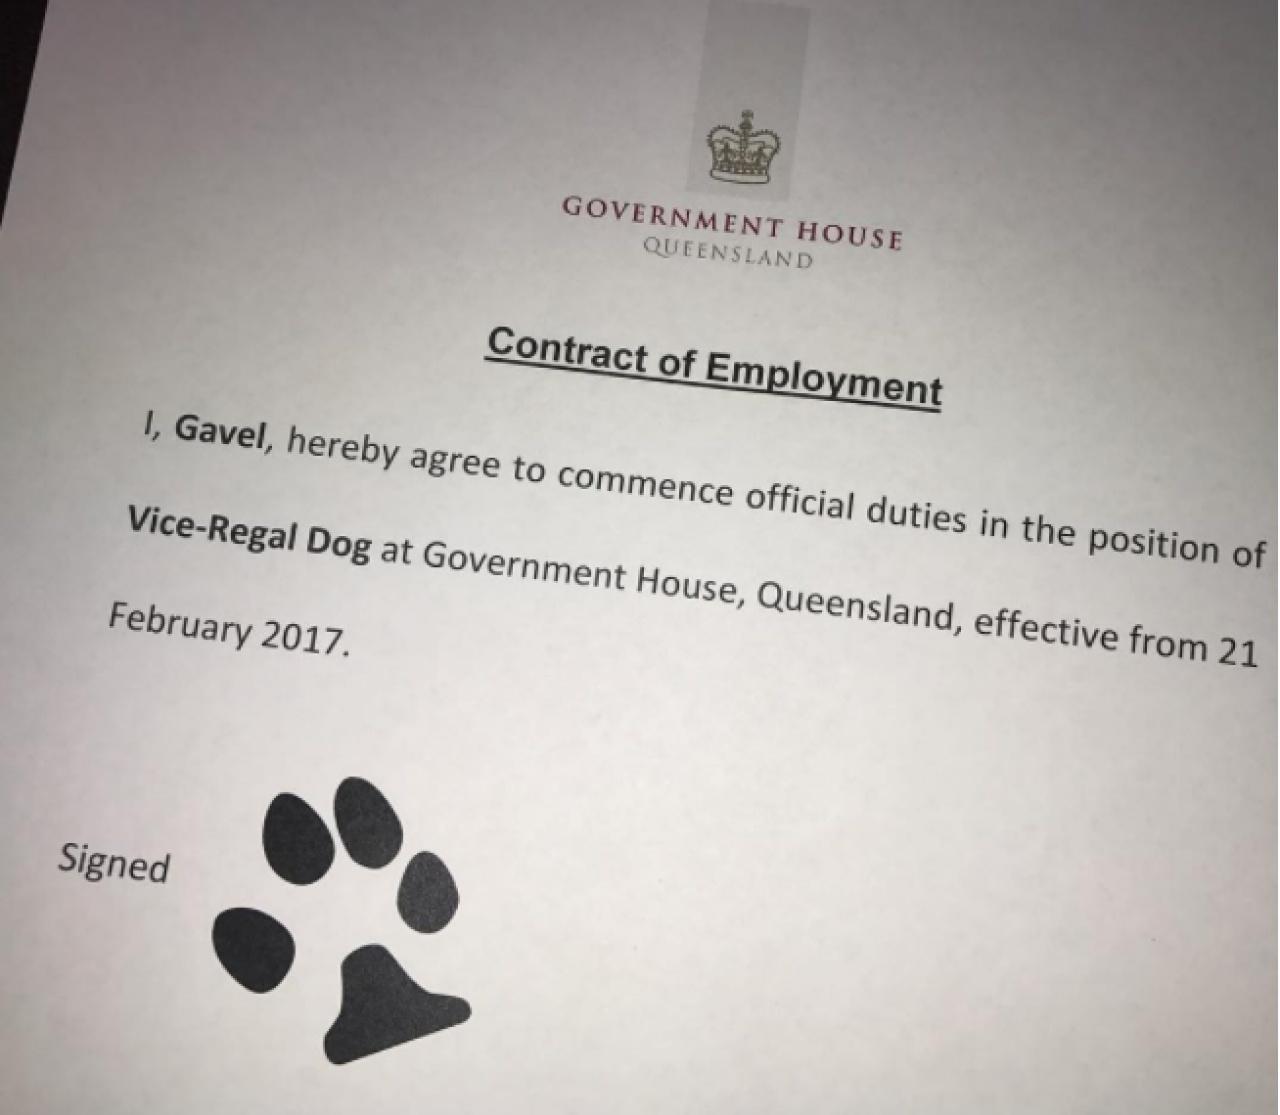 恭喜晒呀!呢份工真係好啱狗狗。Gravel 個簽名簡直一流!(qldgovernor IG)